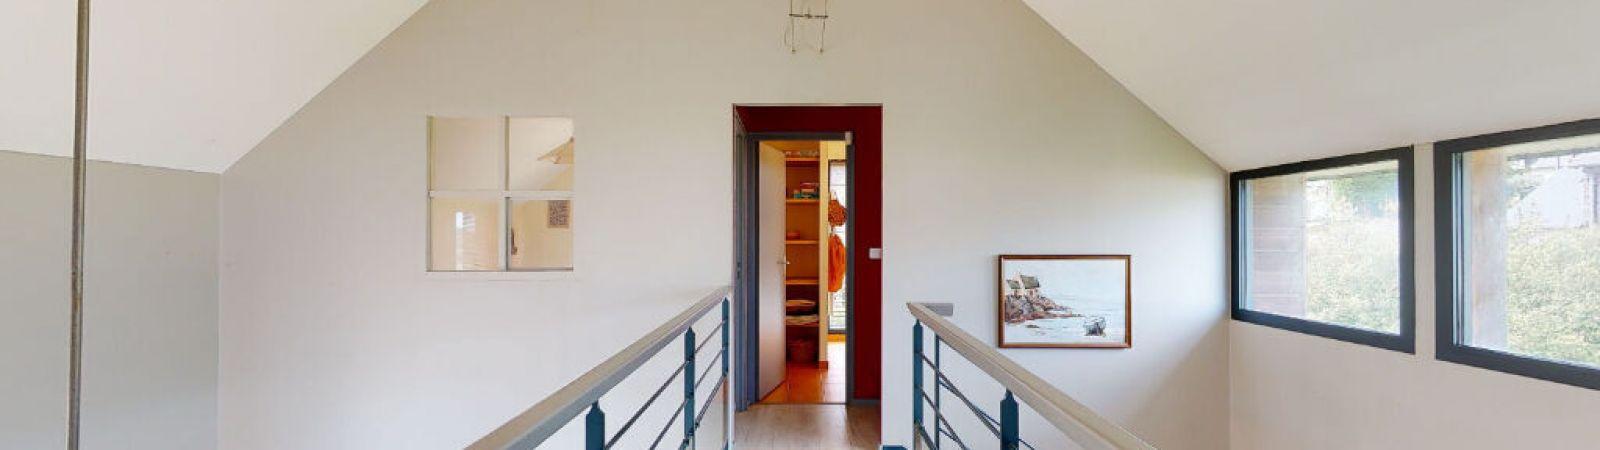 photo 8: Magnifique maison d'architecte